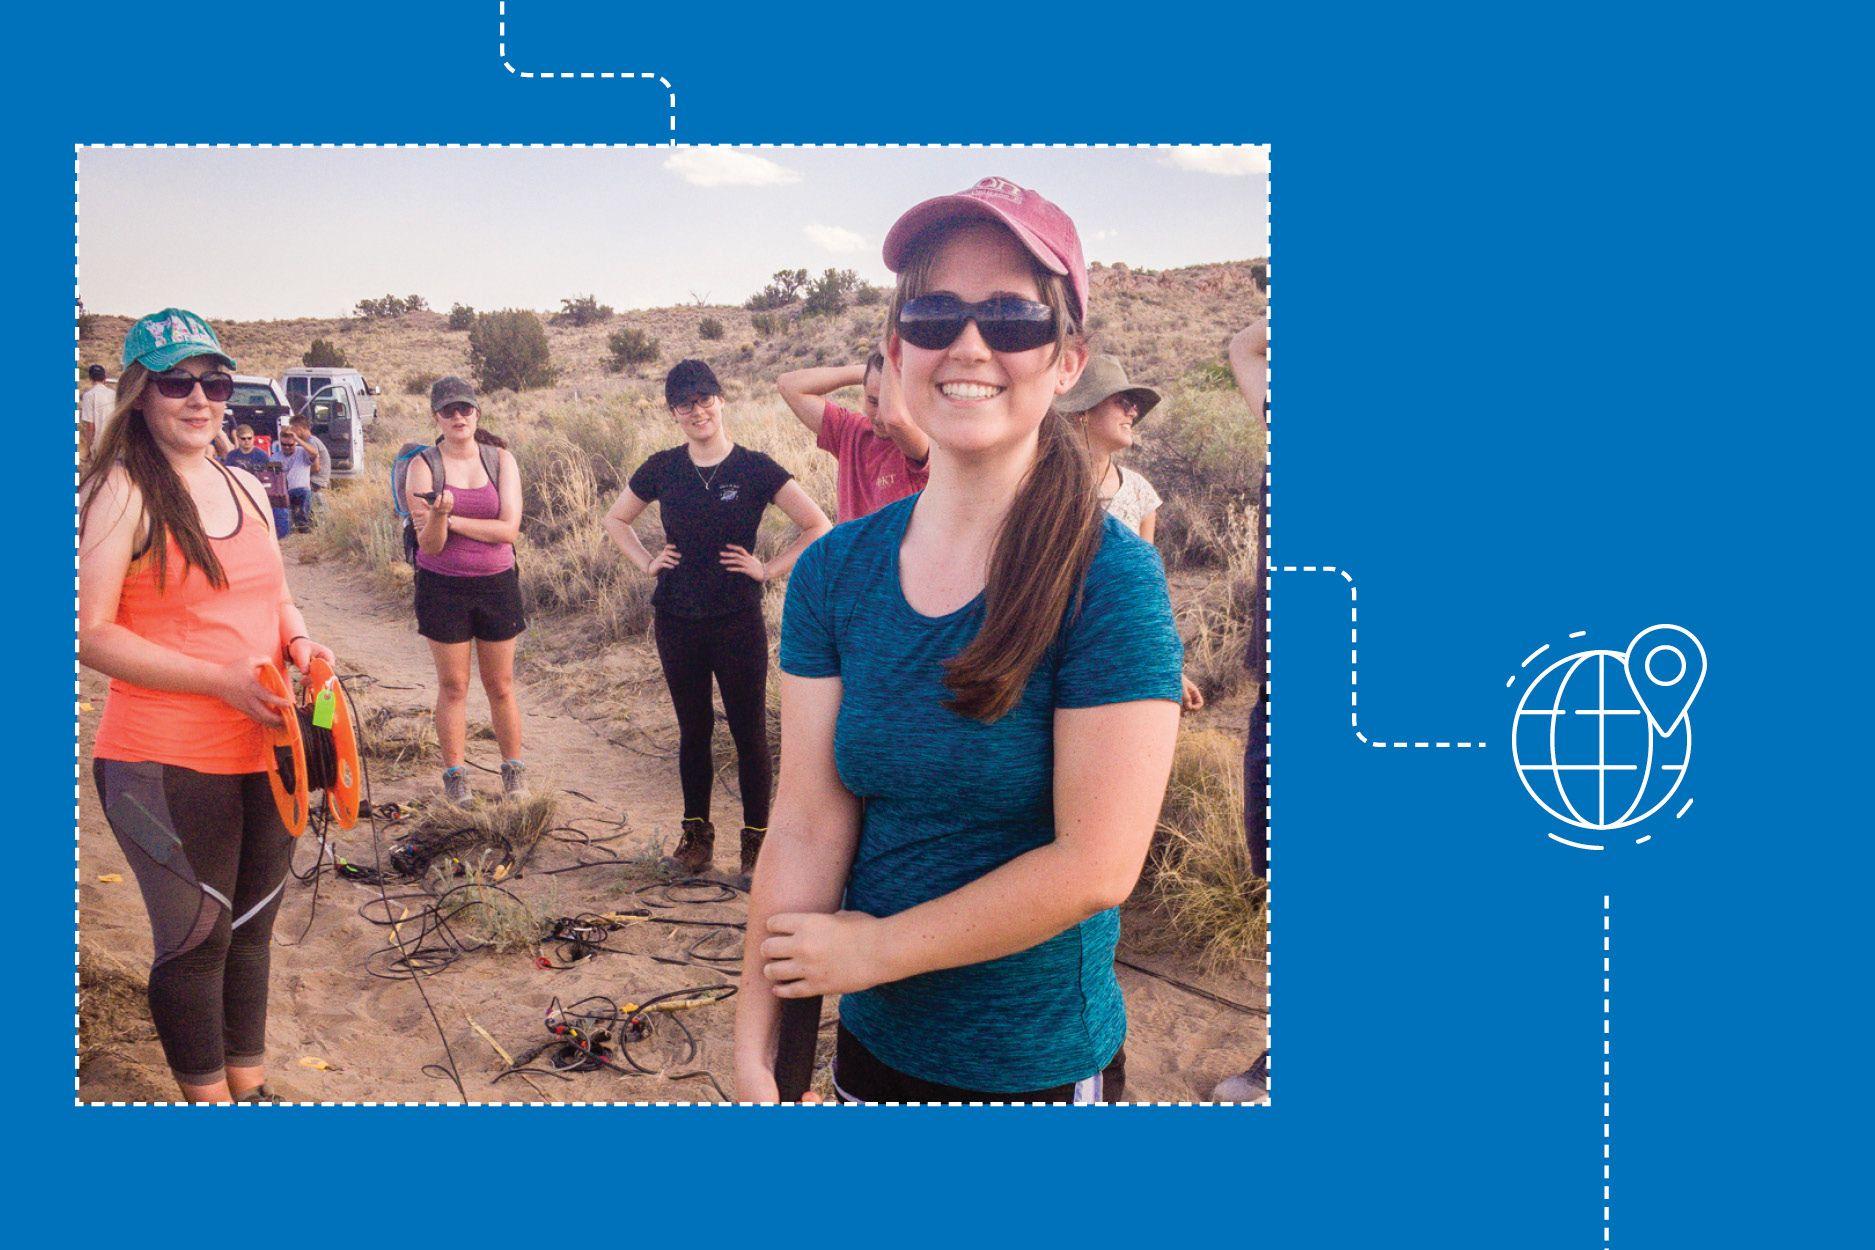 Lauren Neldner conducts fieldwork as part of her National Science Foundation internship.